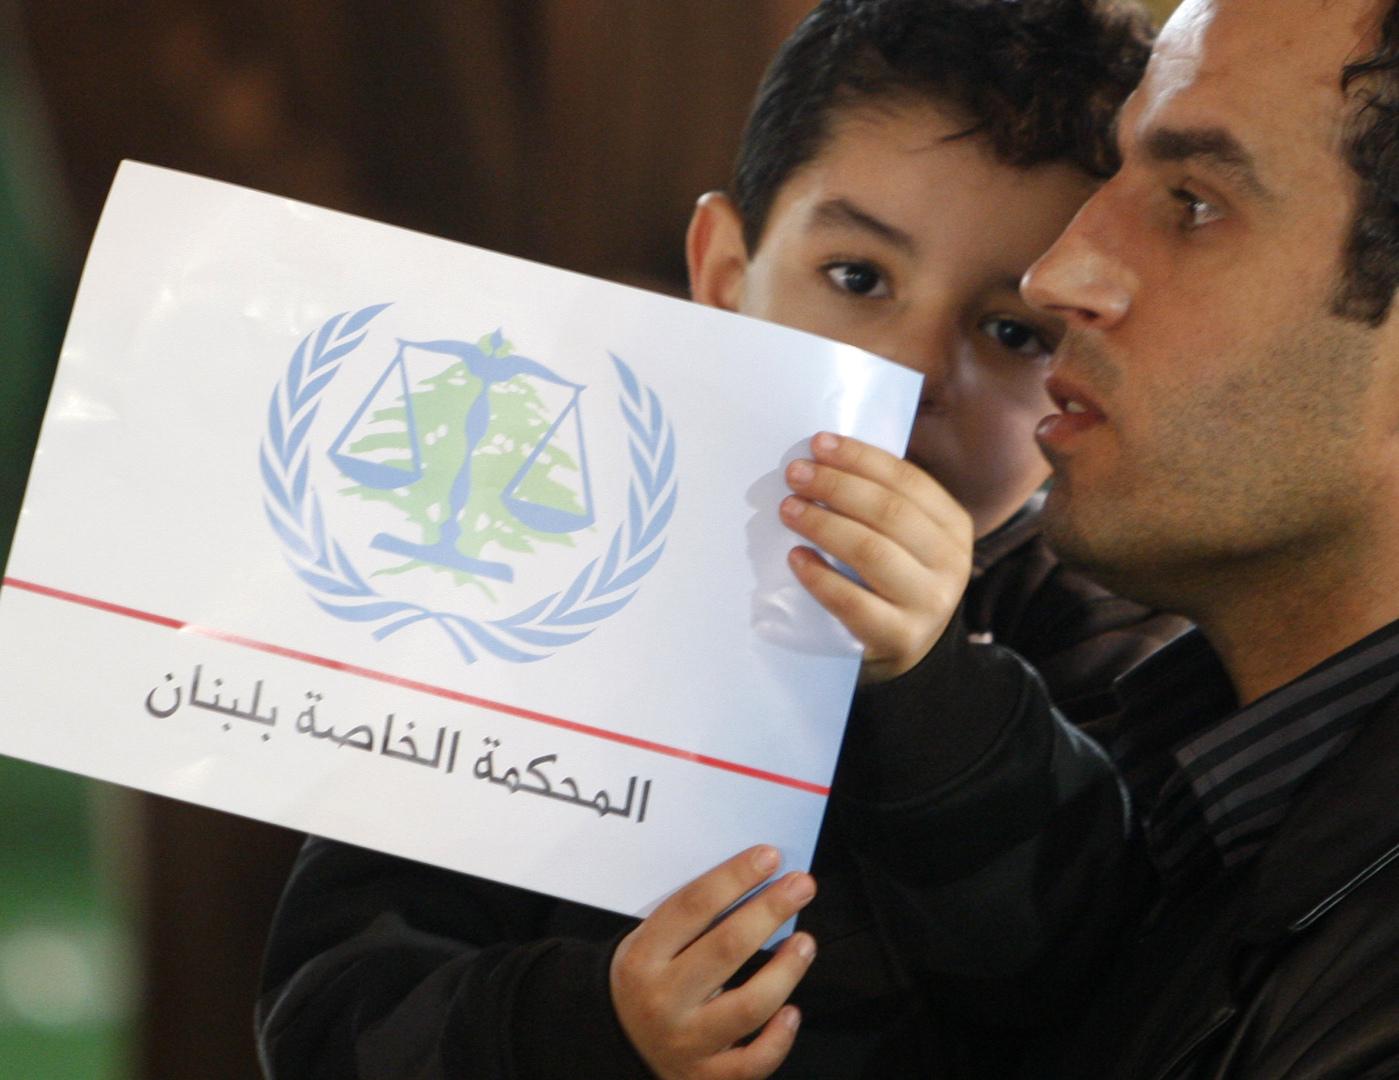 المحكمة الخاصة بقضية اغتيال الحريري تستمع للمتضررين في 10 نوفمبر